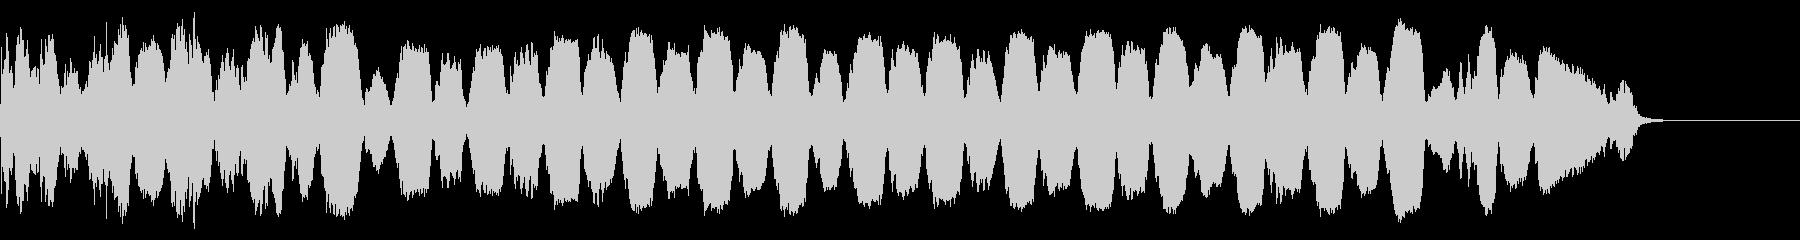 不穏 トランペット フラッター ドライの未再生の波形